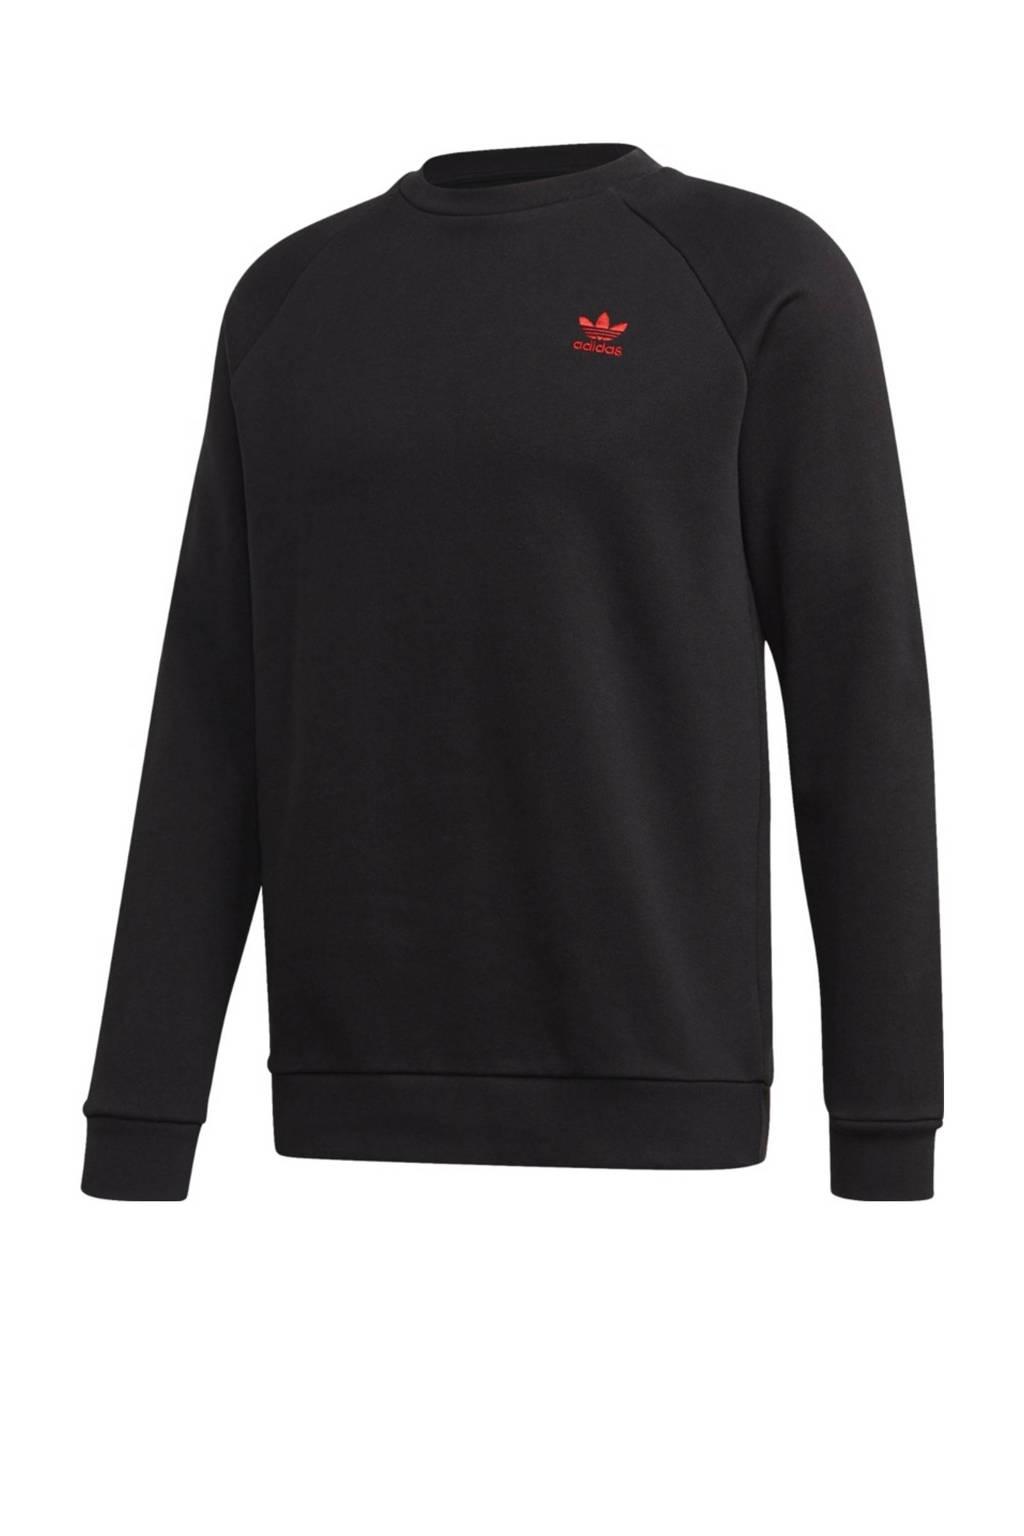 adidas Originals Adicolor sweater zwart, Zwart